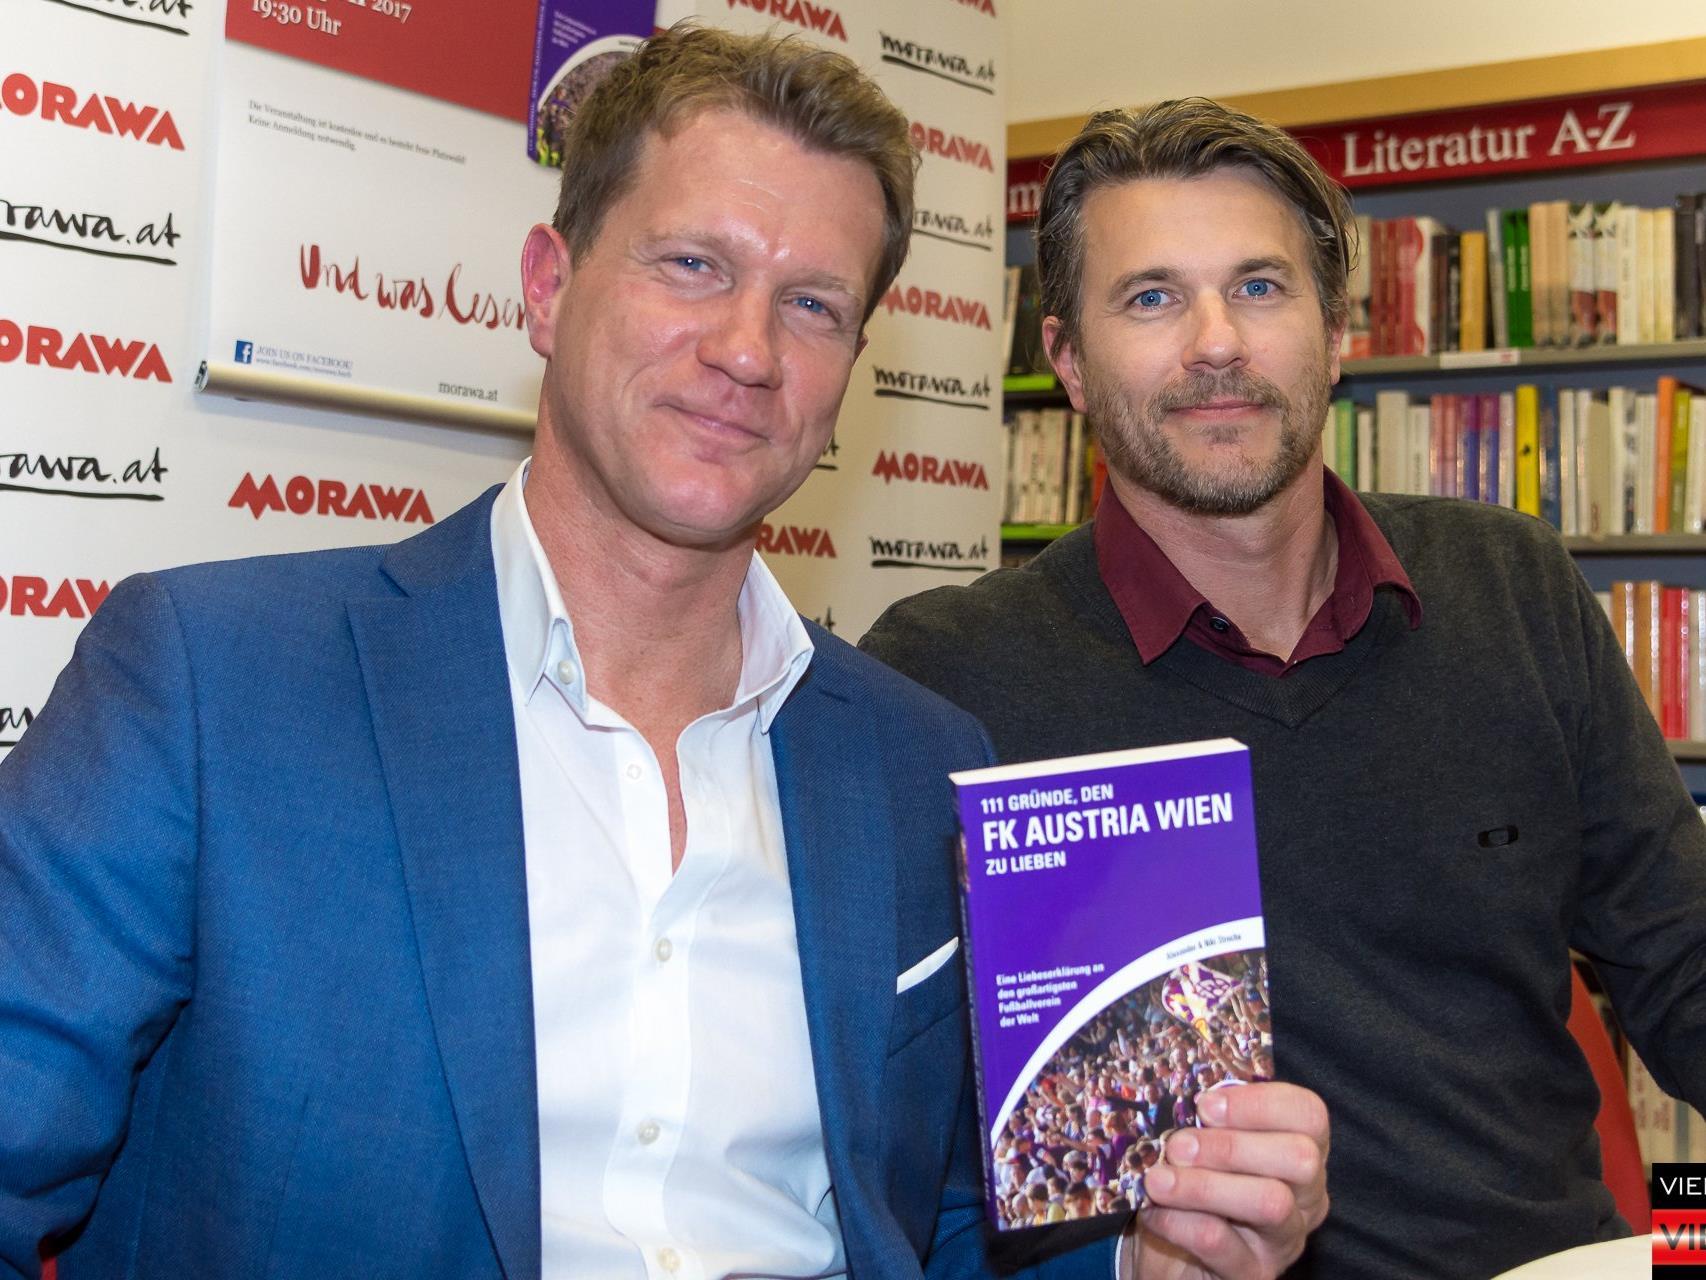 Buchpräsentation - 111 Gründe, den FK Austria zu lieben - Worawa Wollzeile - 11.04.2017